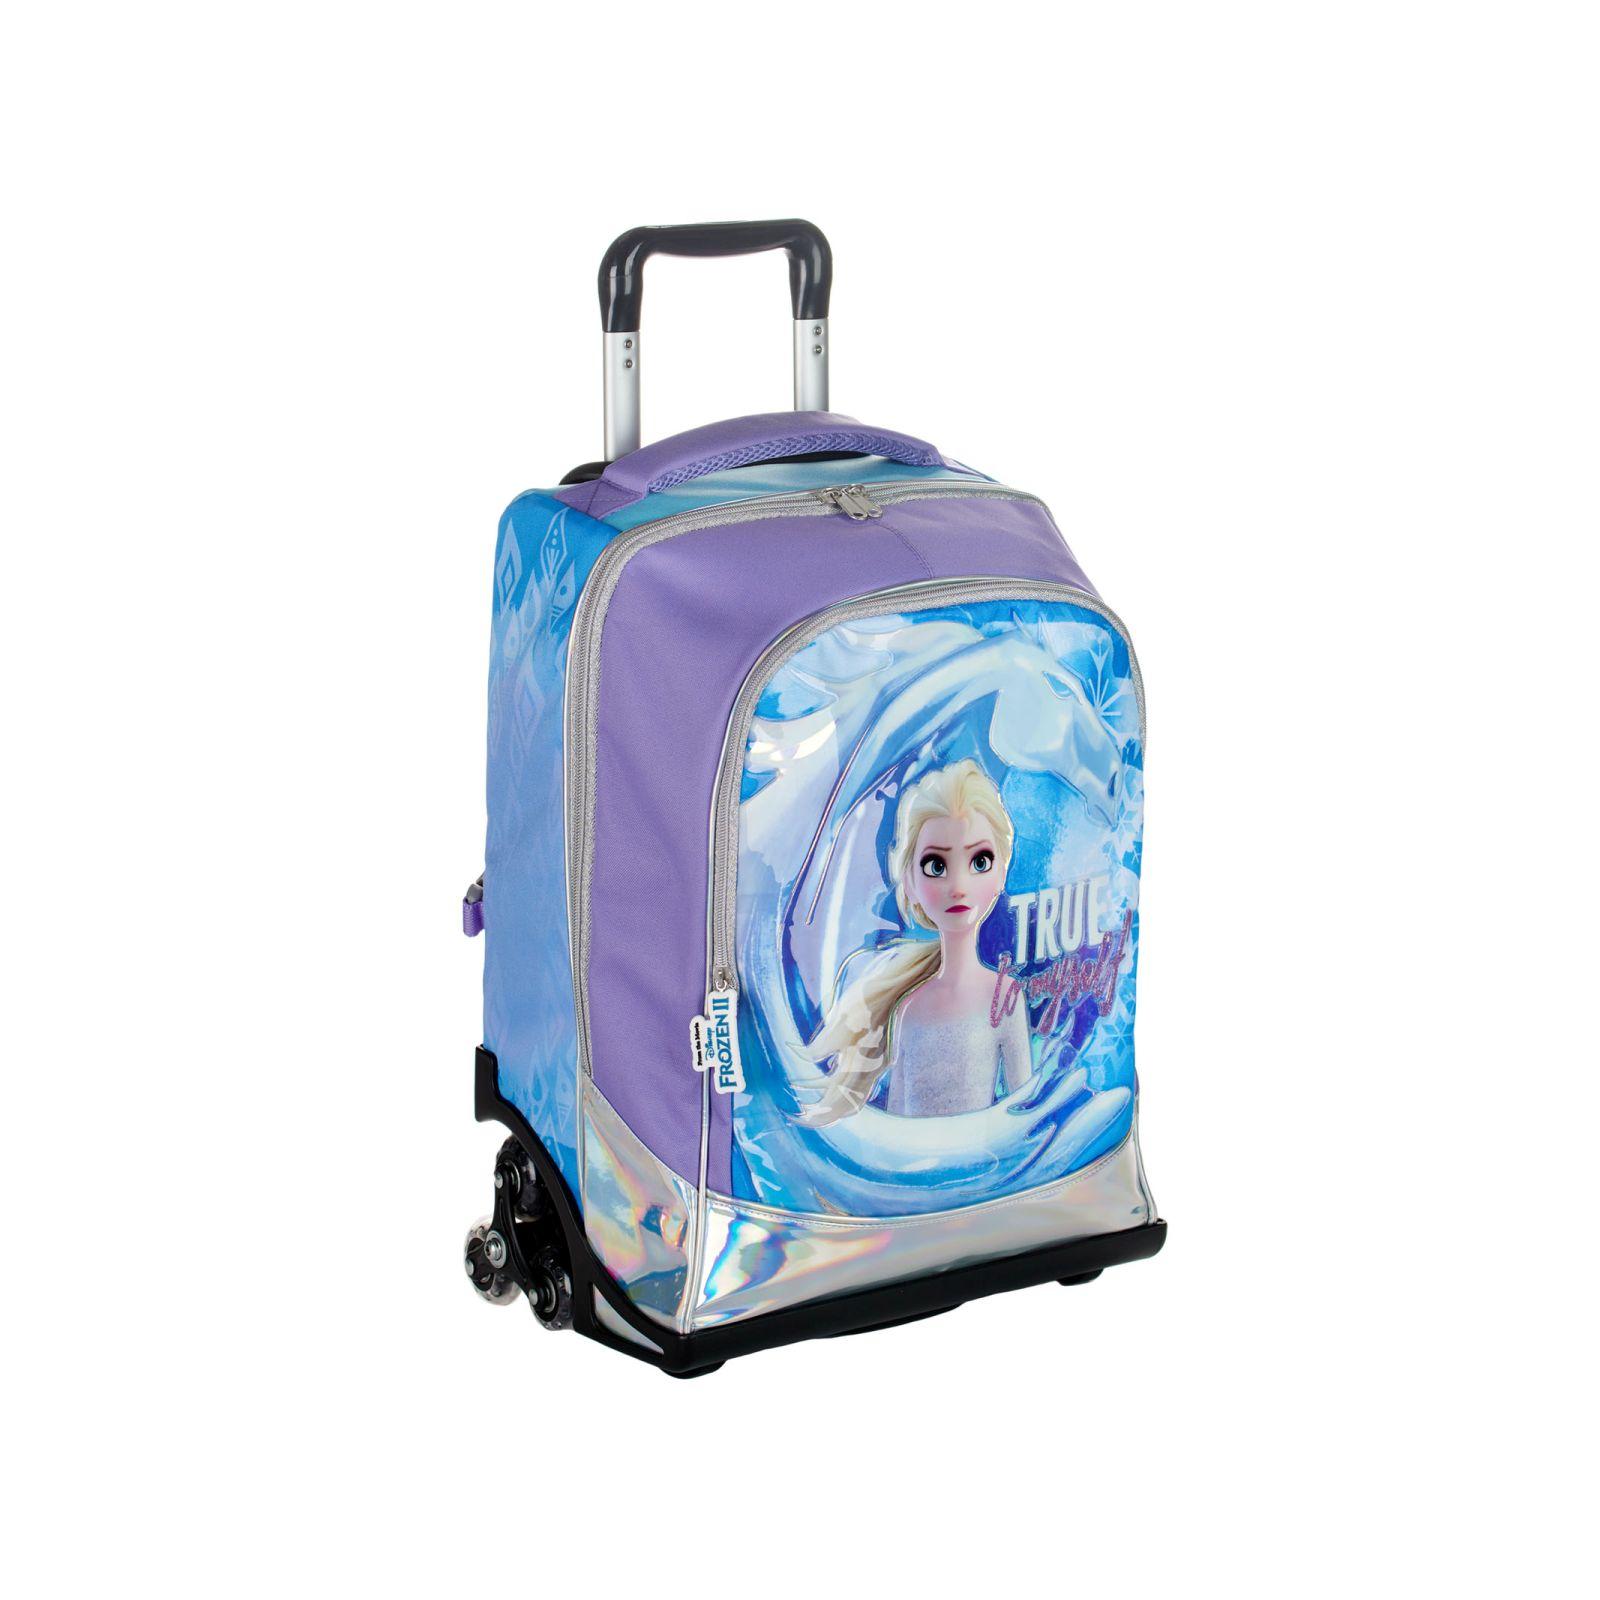 Frozen20 trolley 3ruote spinn - Frozen